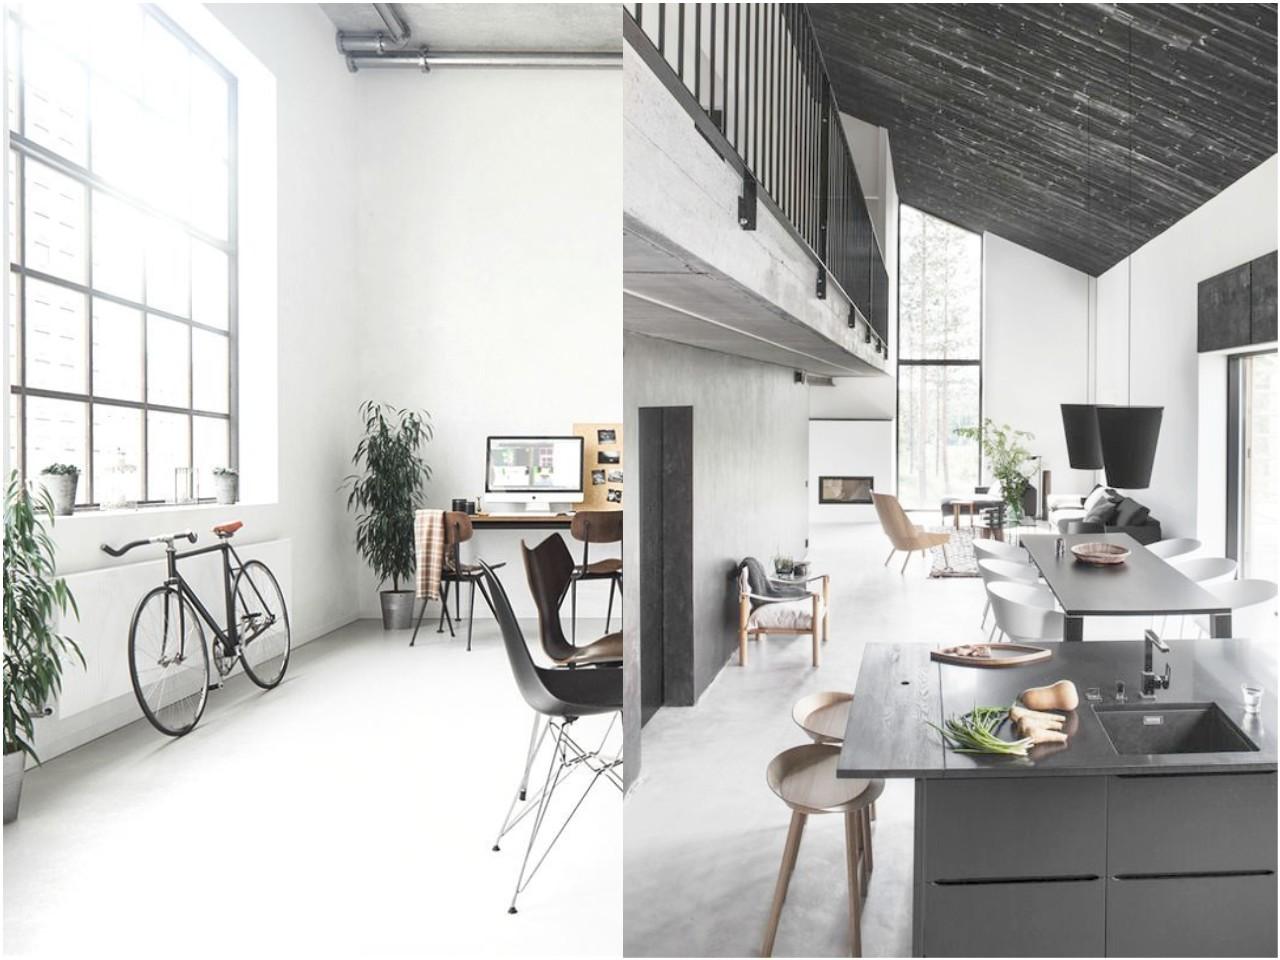 7 claves de dise o de interiores minimalista